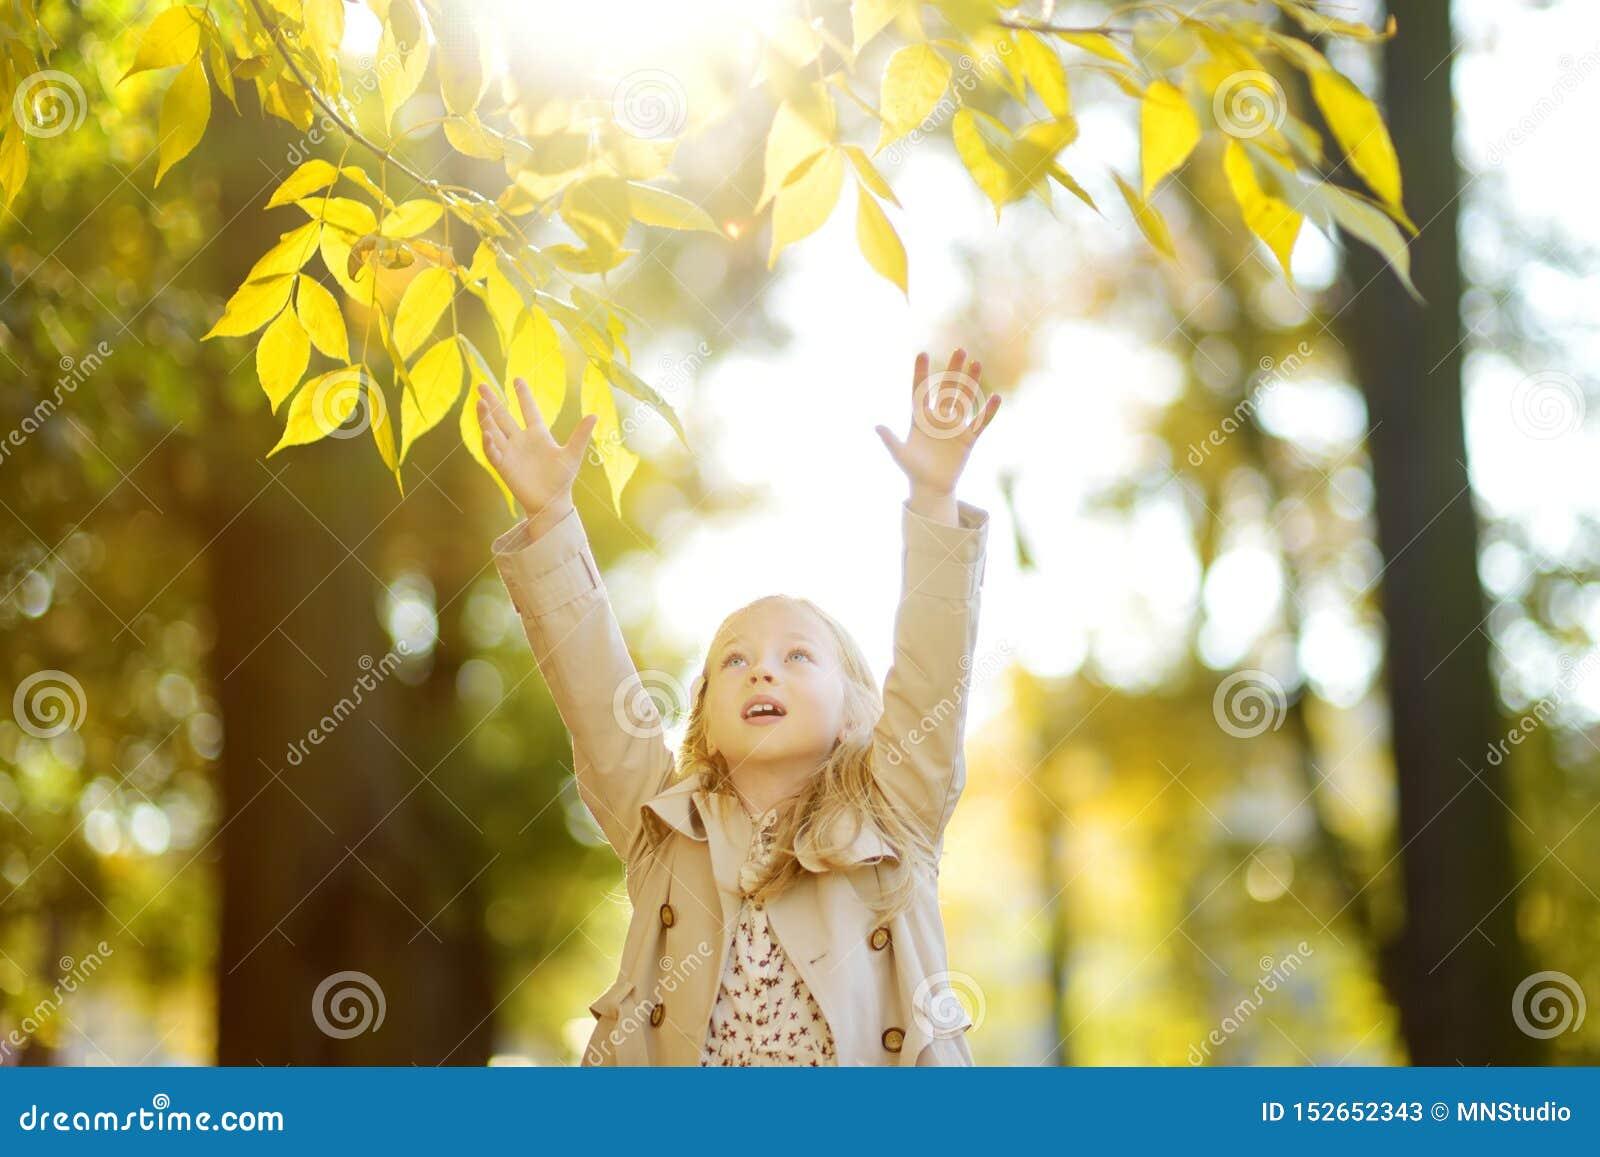 Λατρευτό νέο κορίτσι που έχει τη διασκέδαση την όμορφη ημέρα φθινοπώρου Ευτυχές παιχνίδι παιδιών στο πάρκο φθινοπώρου Παιδί που σ